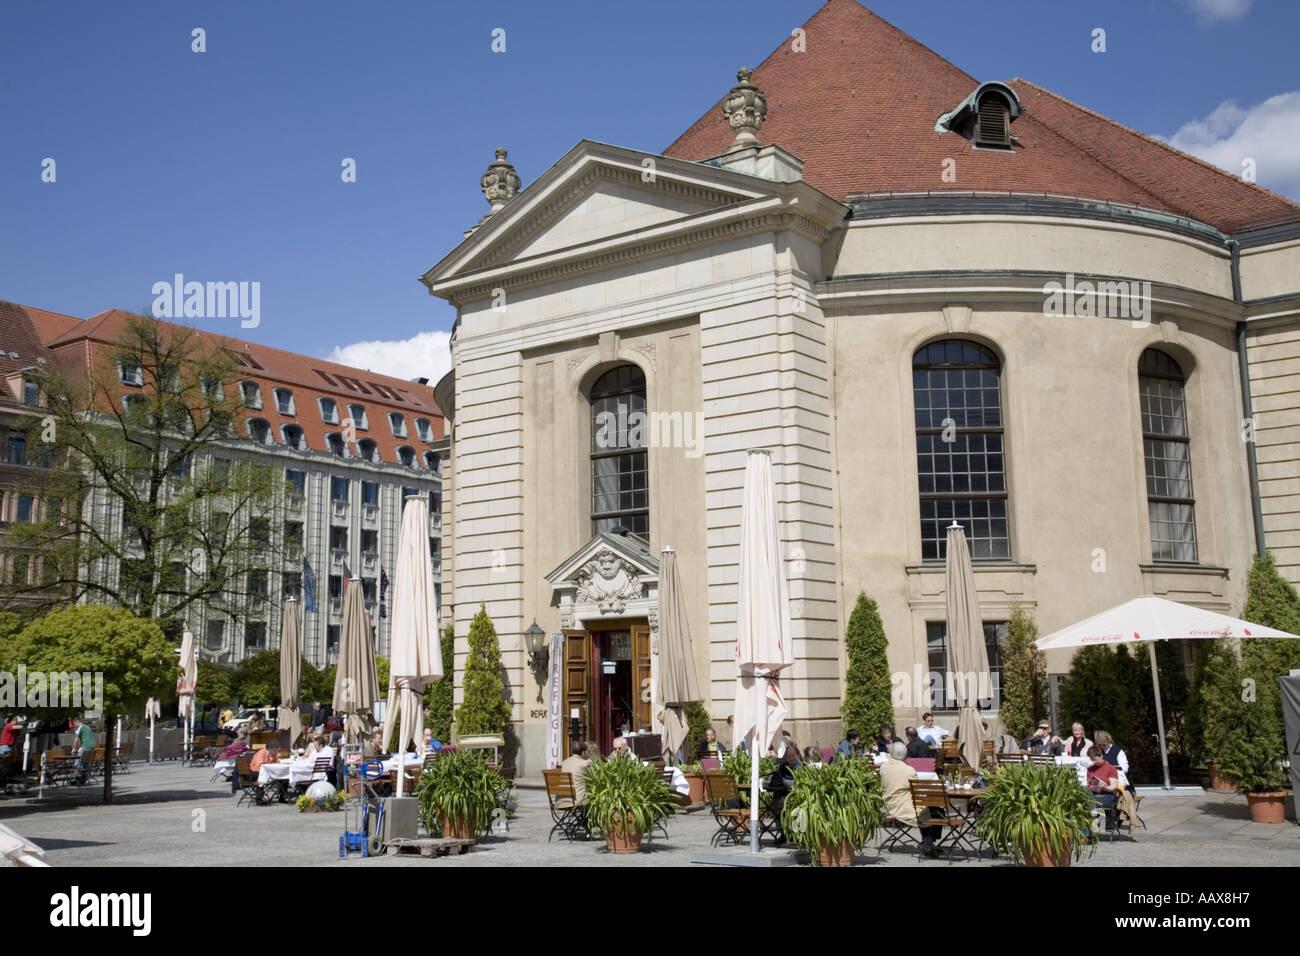 Restaurant le refuge, Gendarmenmarkt, Berlin, Allemagne Banque D'Images